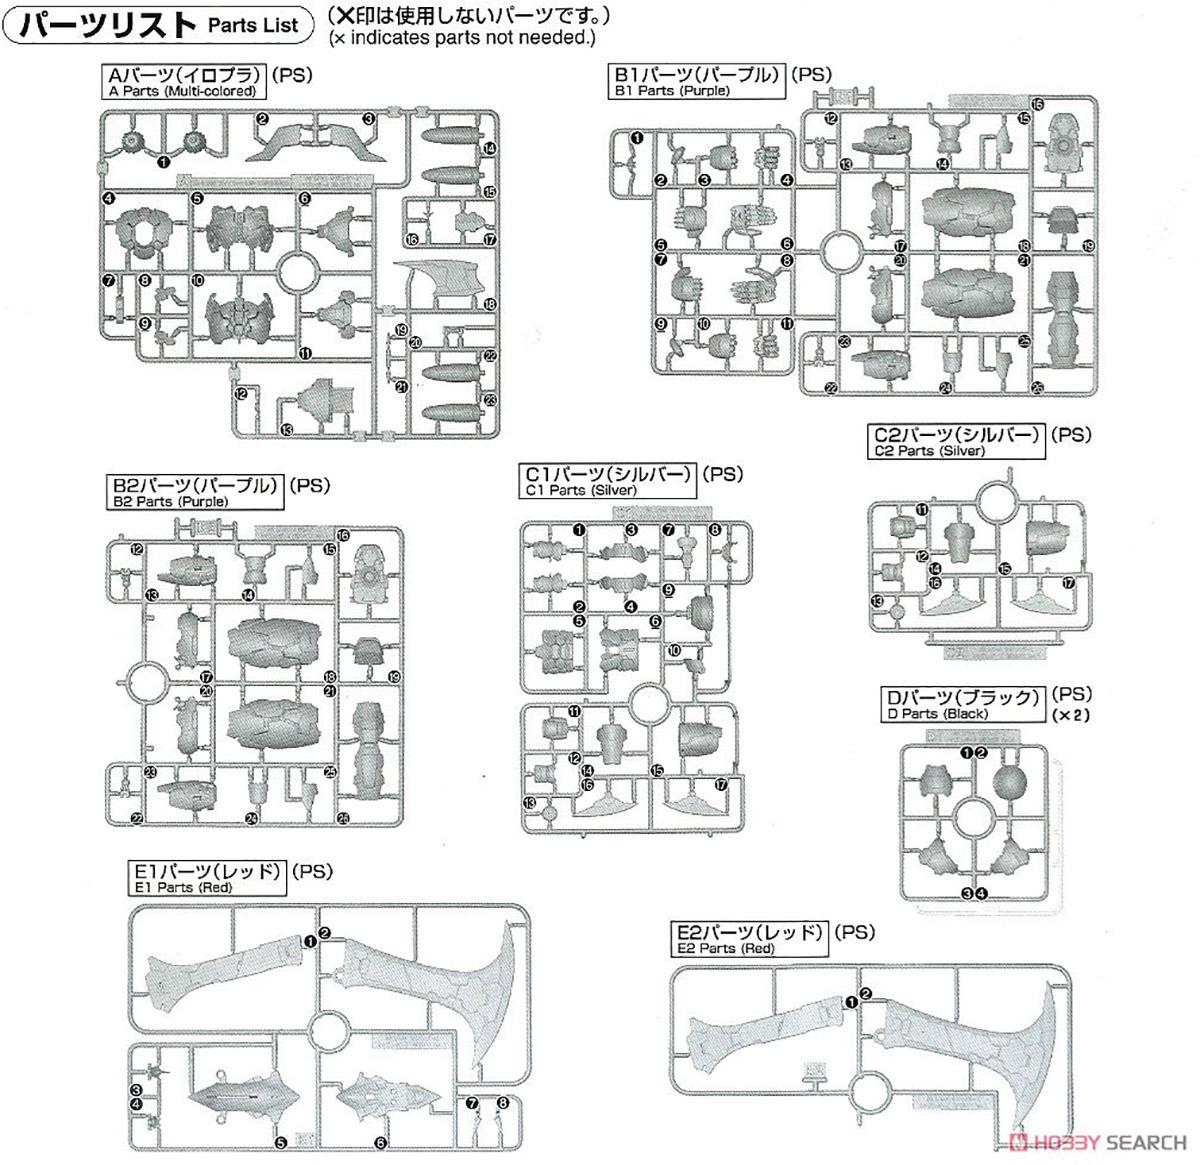 【再販】HG 1/144『マジンガーZ(マジンガーZ INFINITY Ver.)』プラモデル-023